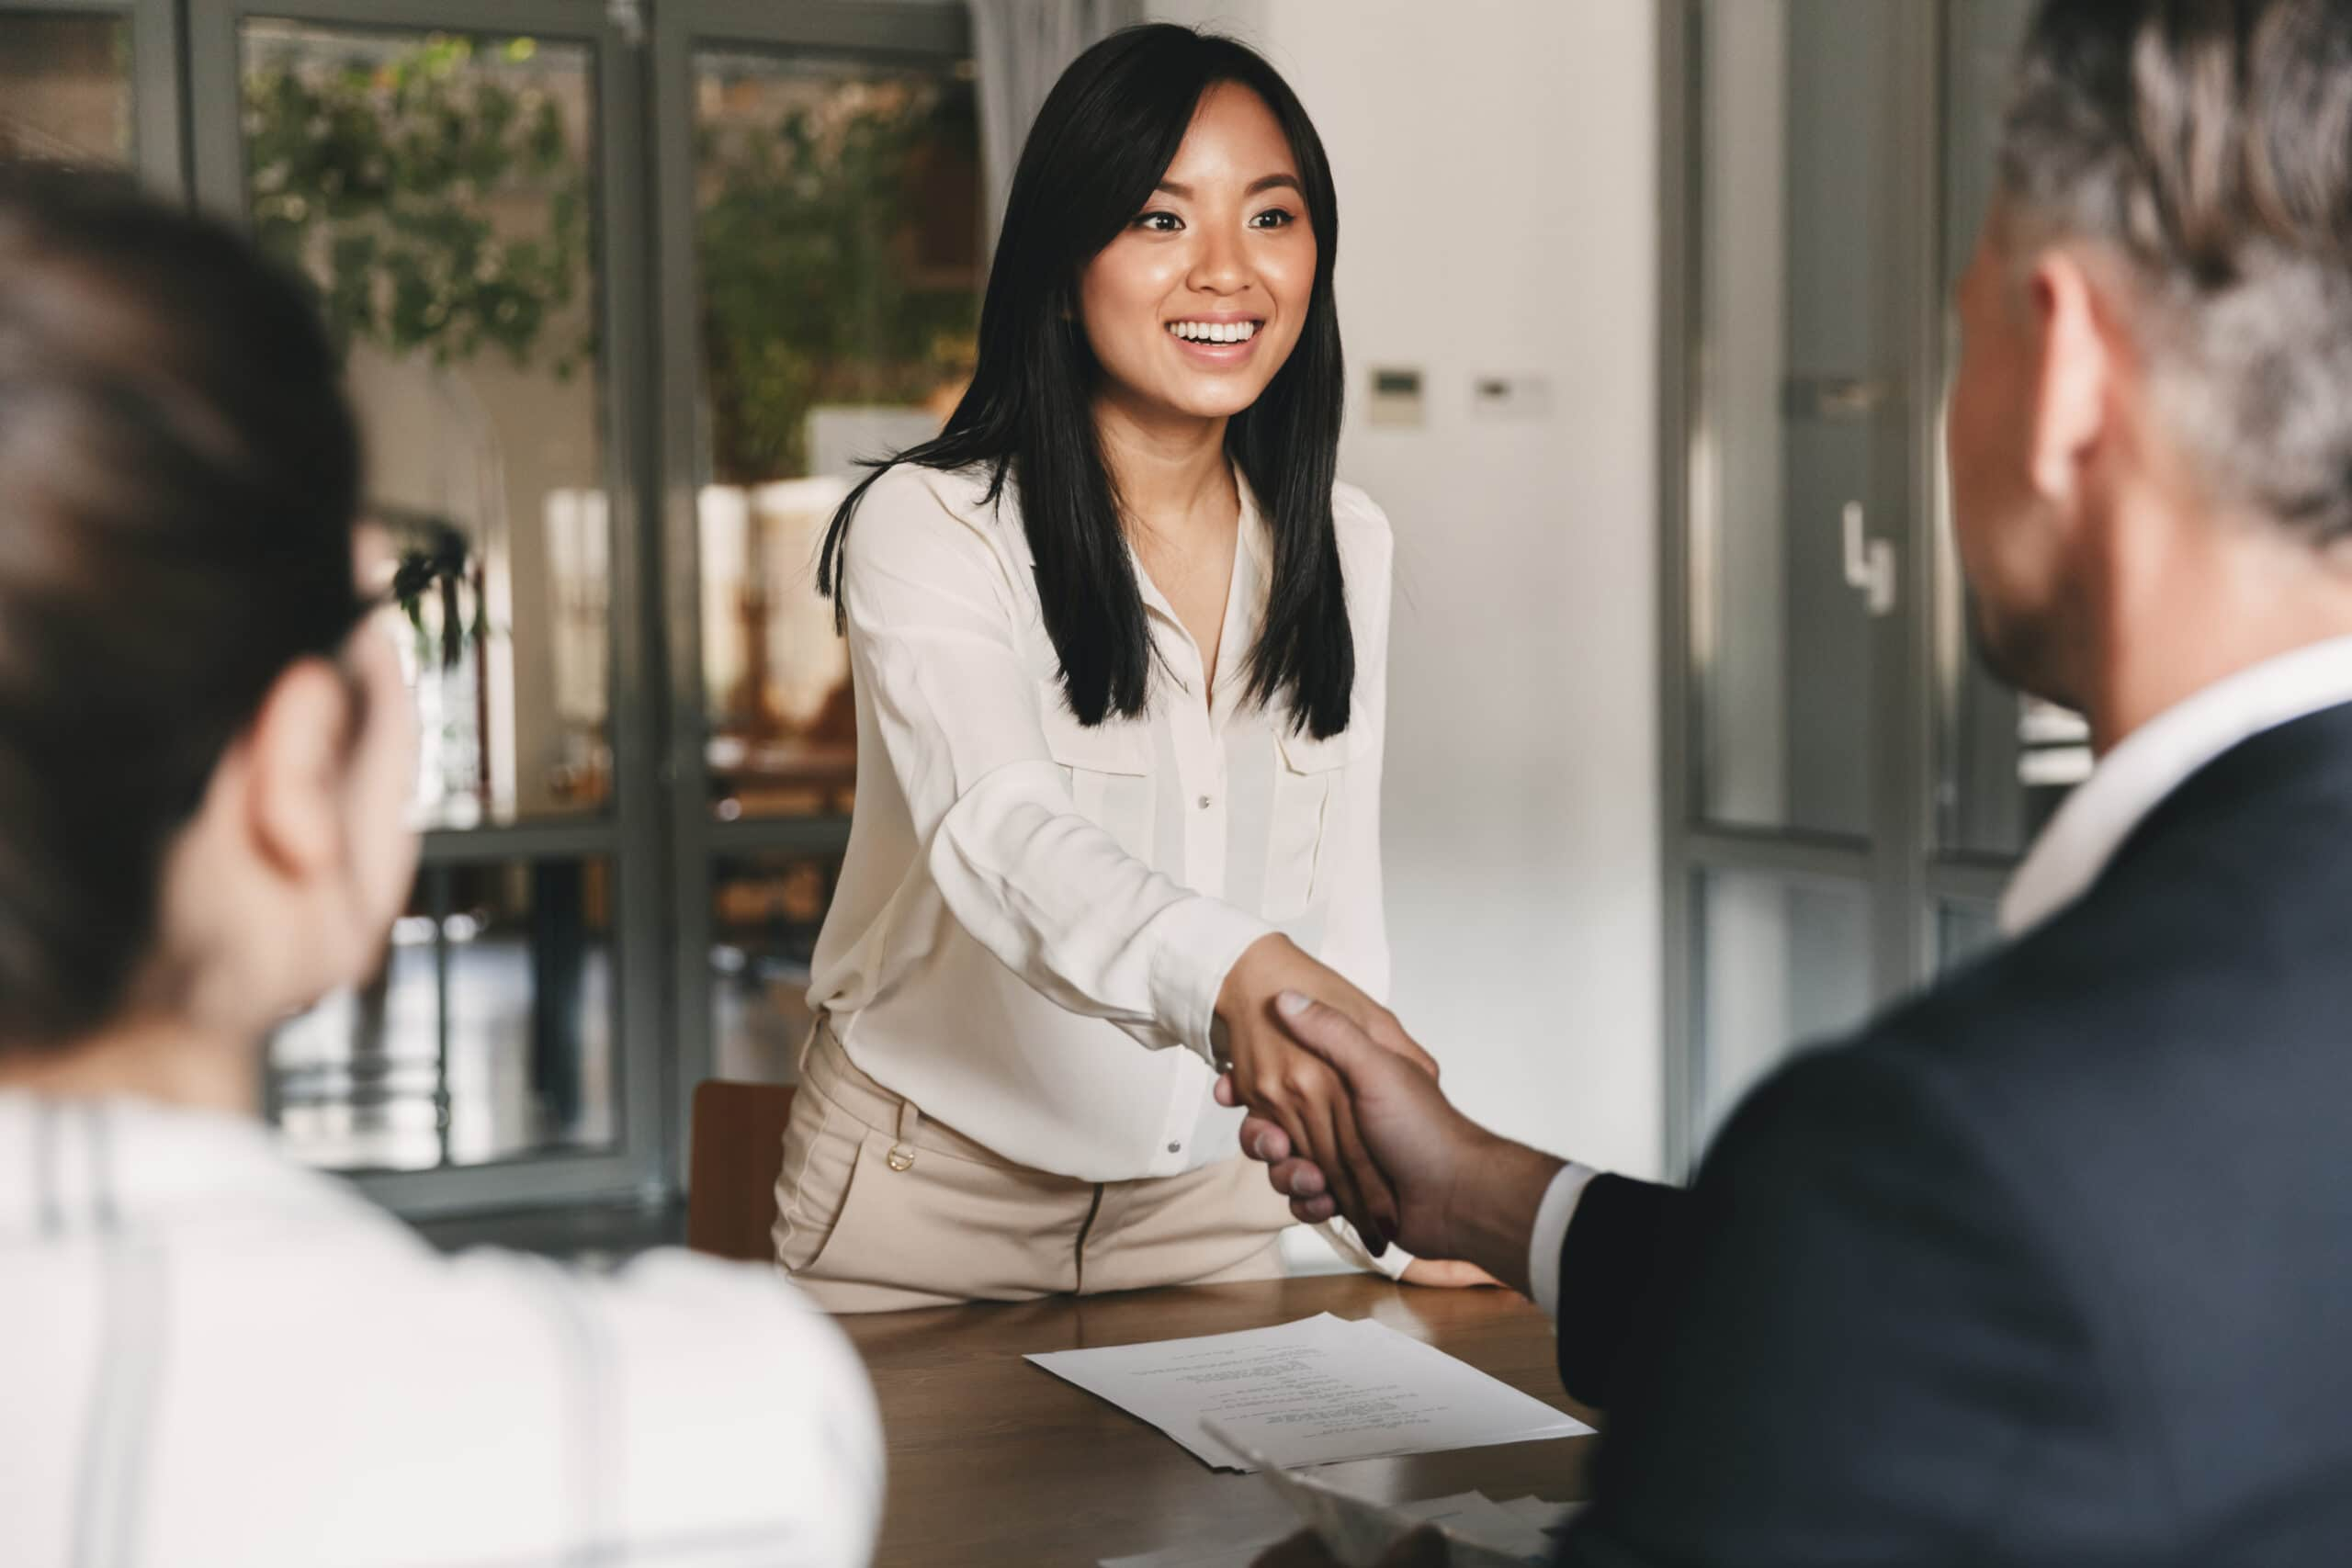 Työhaastattelun tavallisimmat kysymykset. Nainen kättelee miestä.